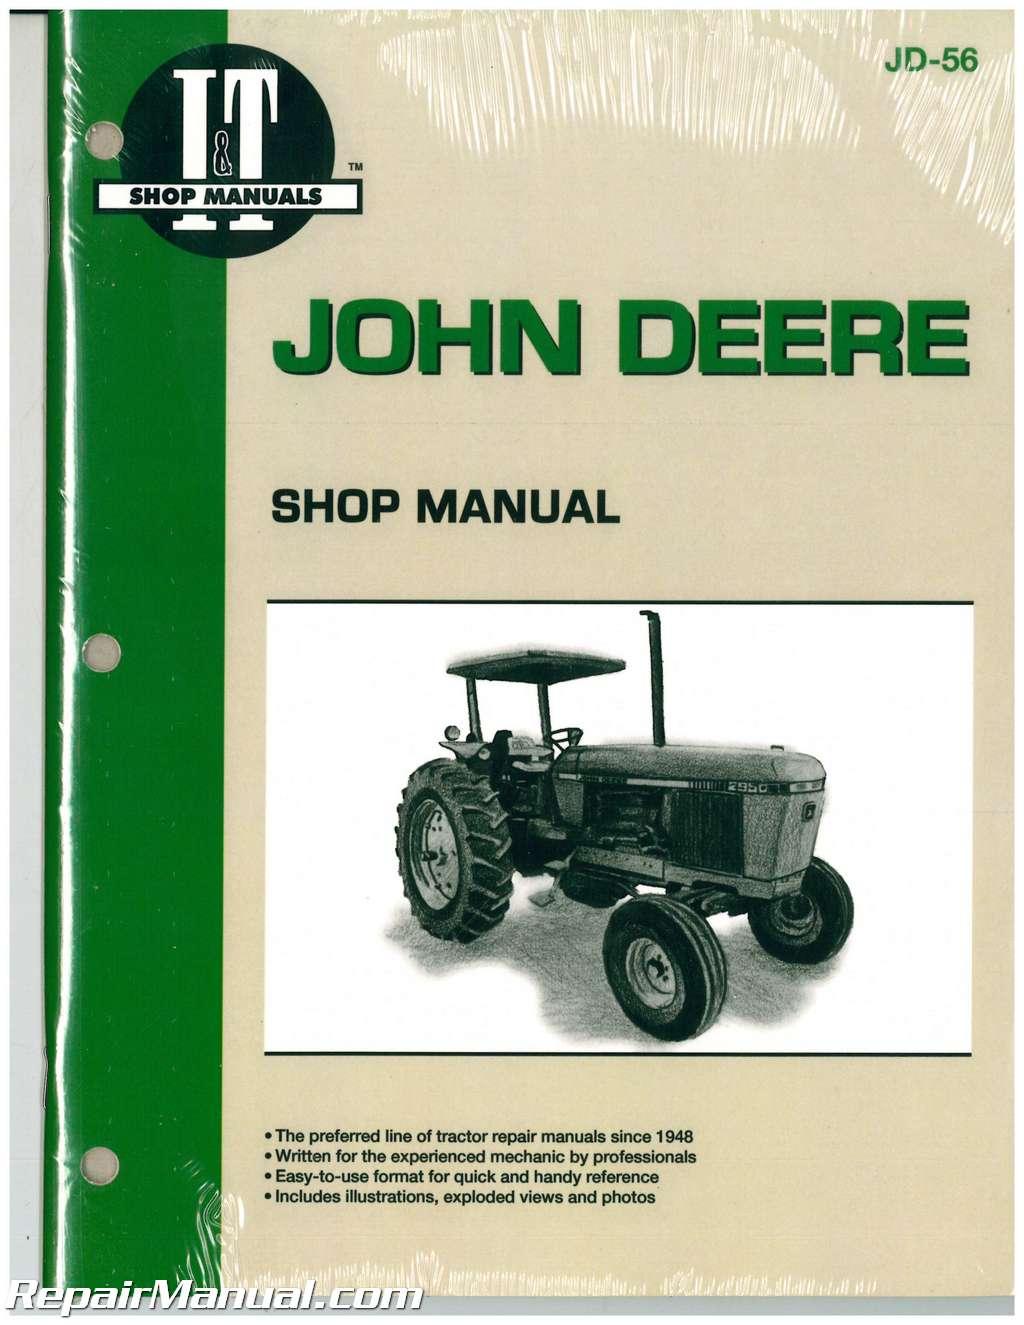 john deere lawn mower repair manual